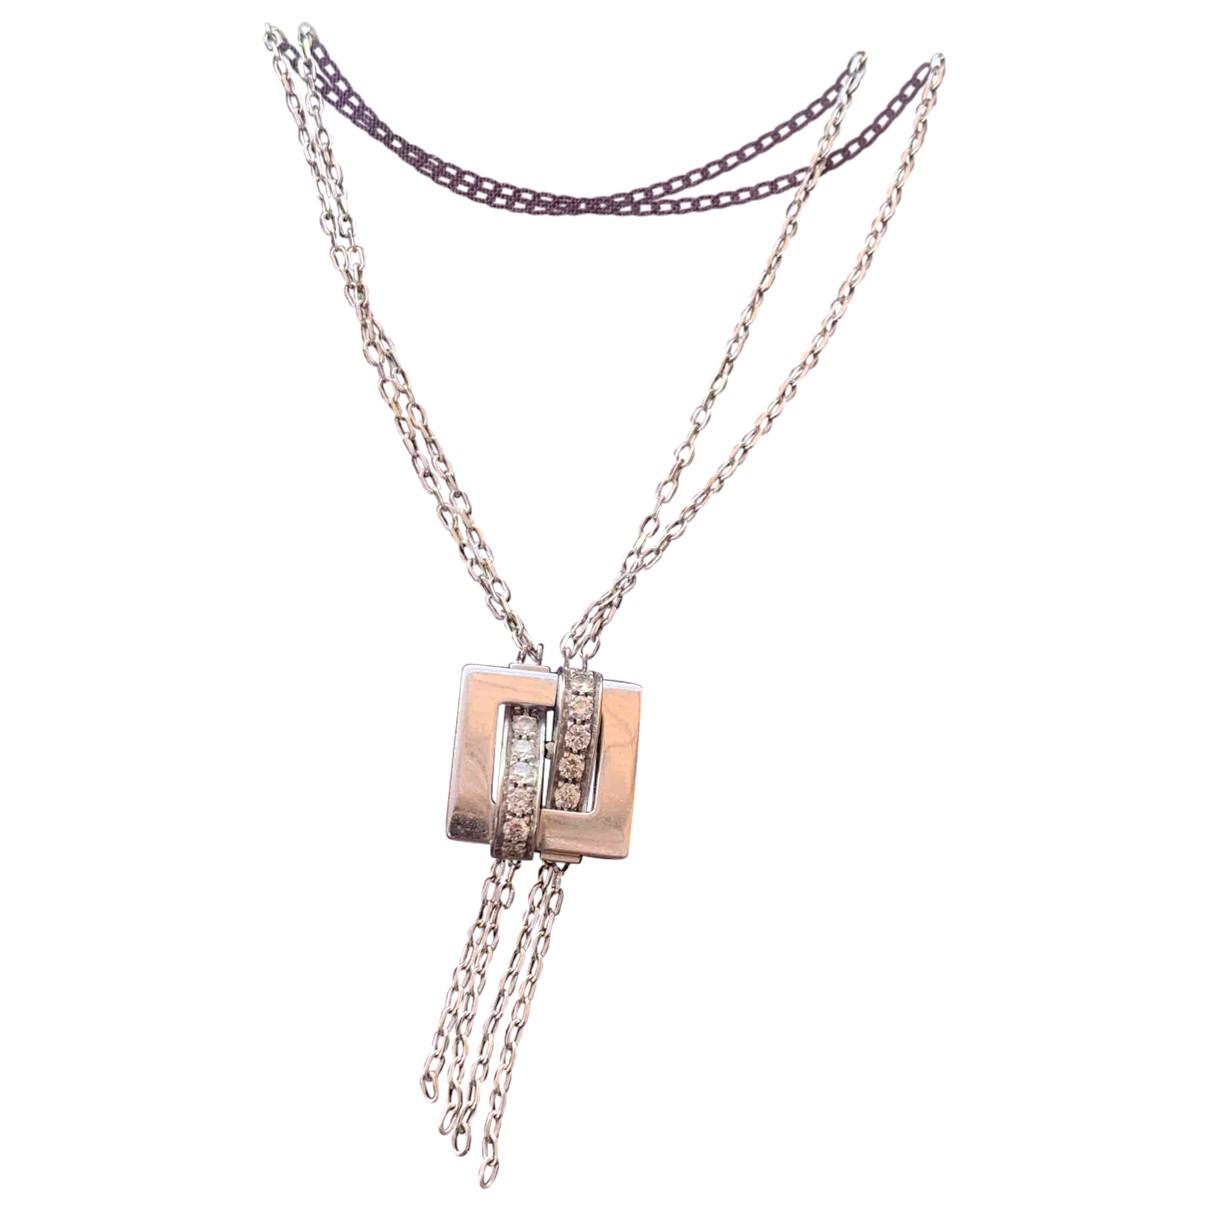 Boucheron - Collier Dechainee pour femme en or blanc - argente